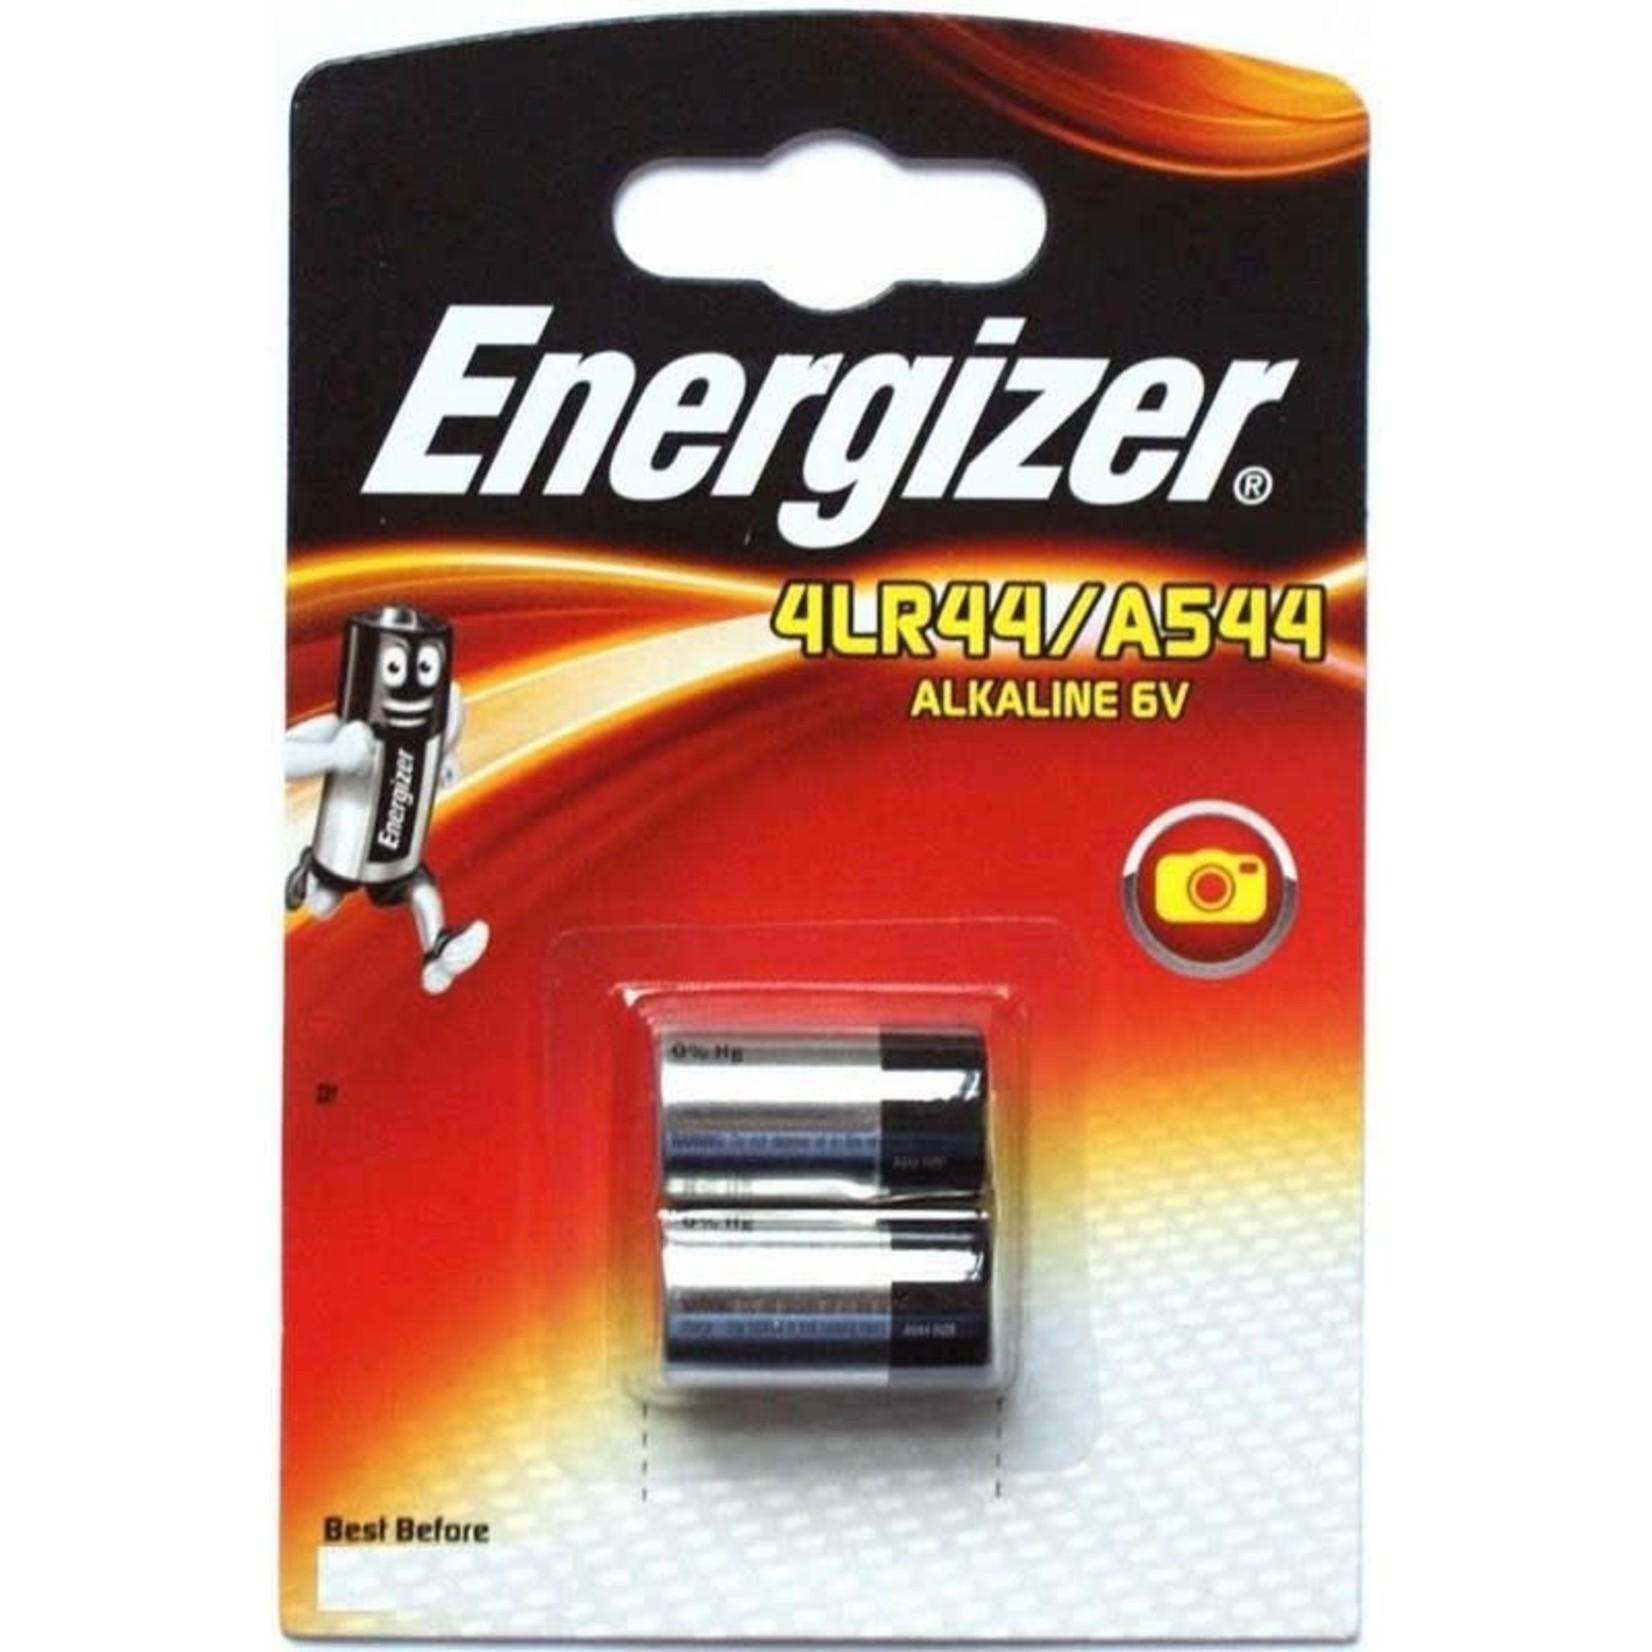 4LR44 6 VOLT ENERGIZER BATTERY 2 PACK A544